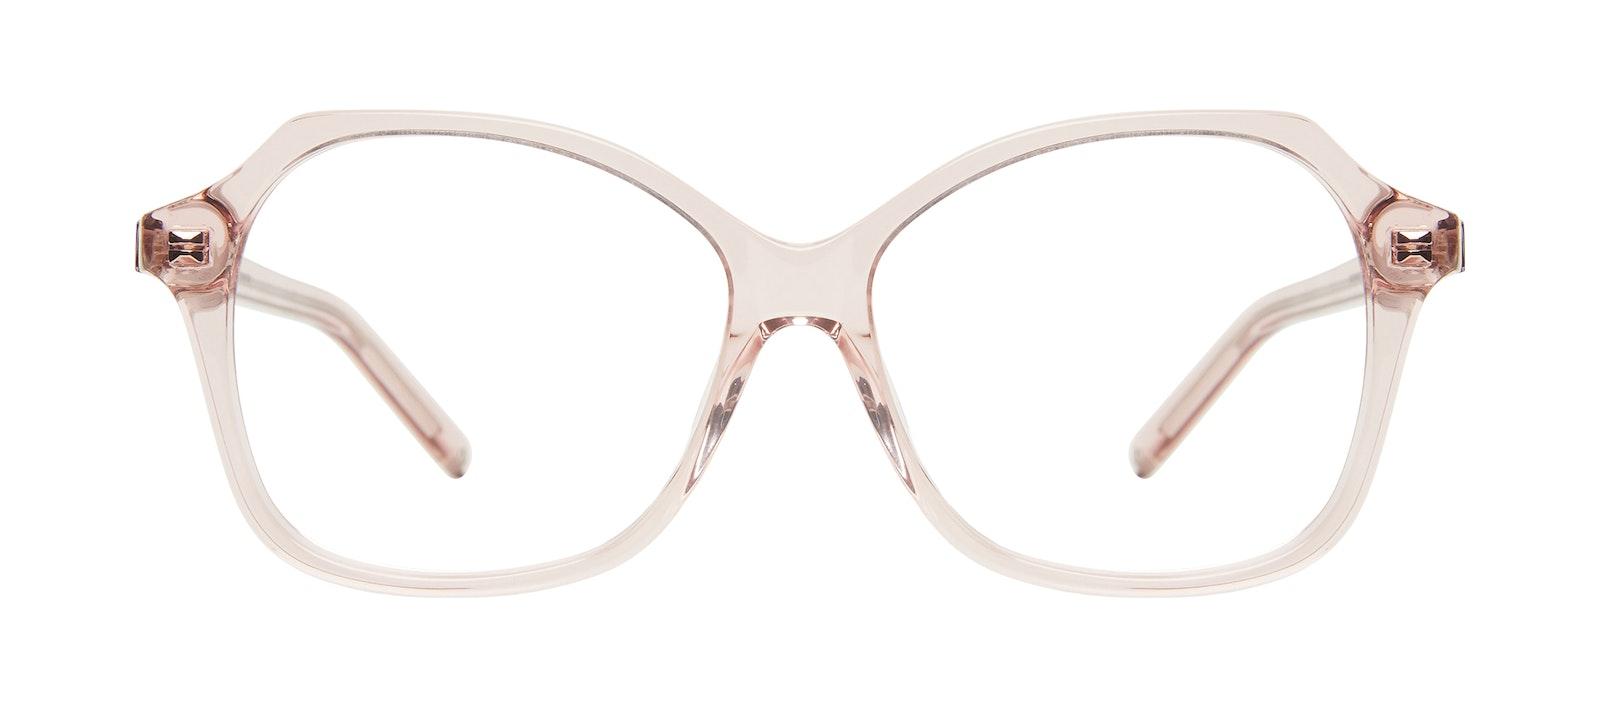 Lunettes tendance Carrée Lunettes de vue Femmes Outlook Pink Face